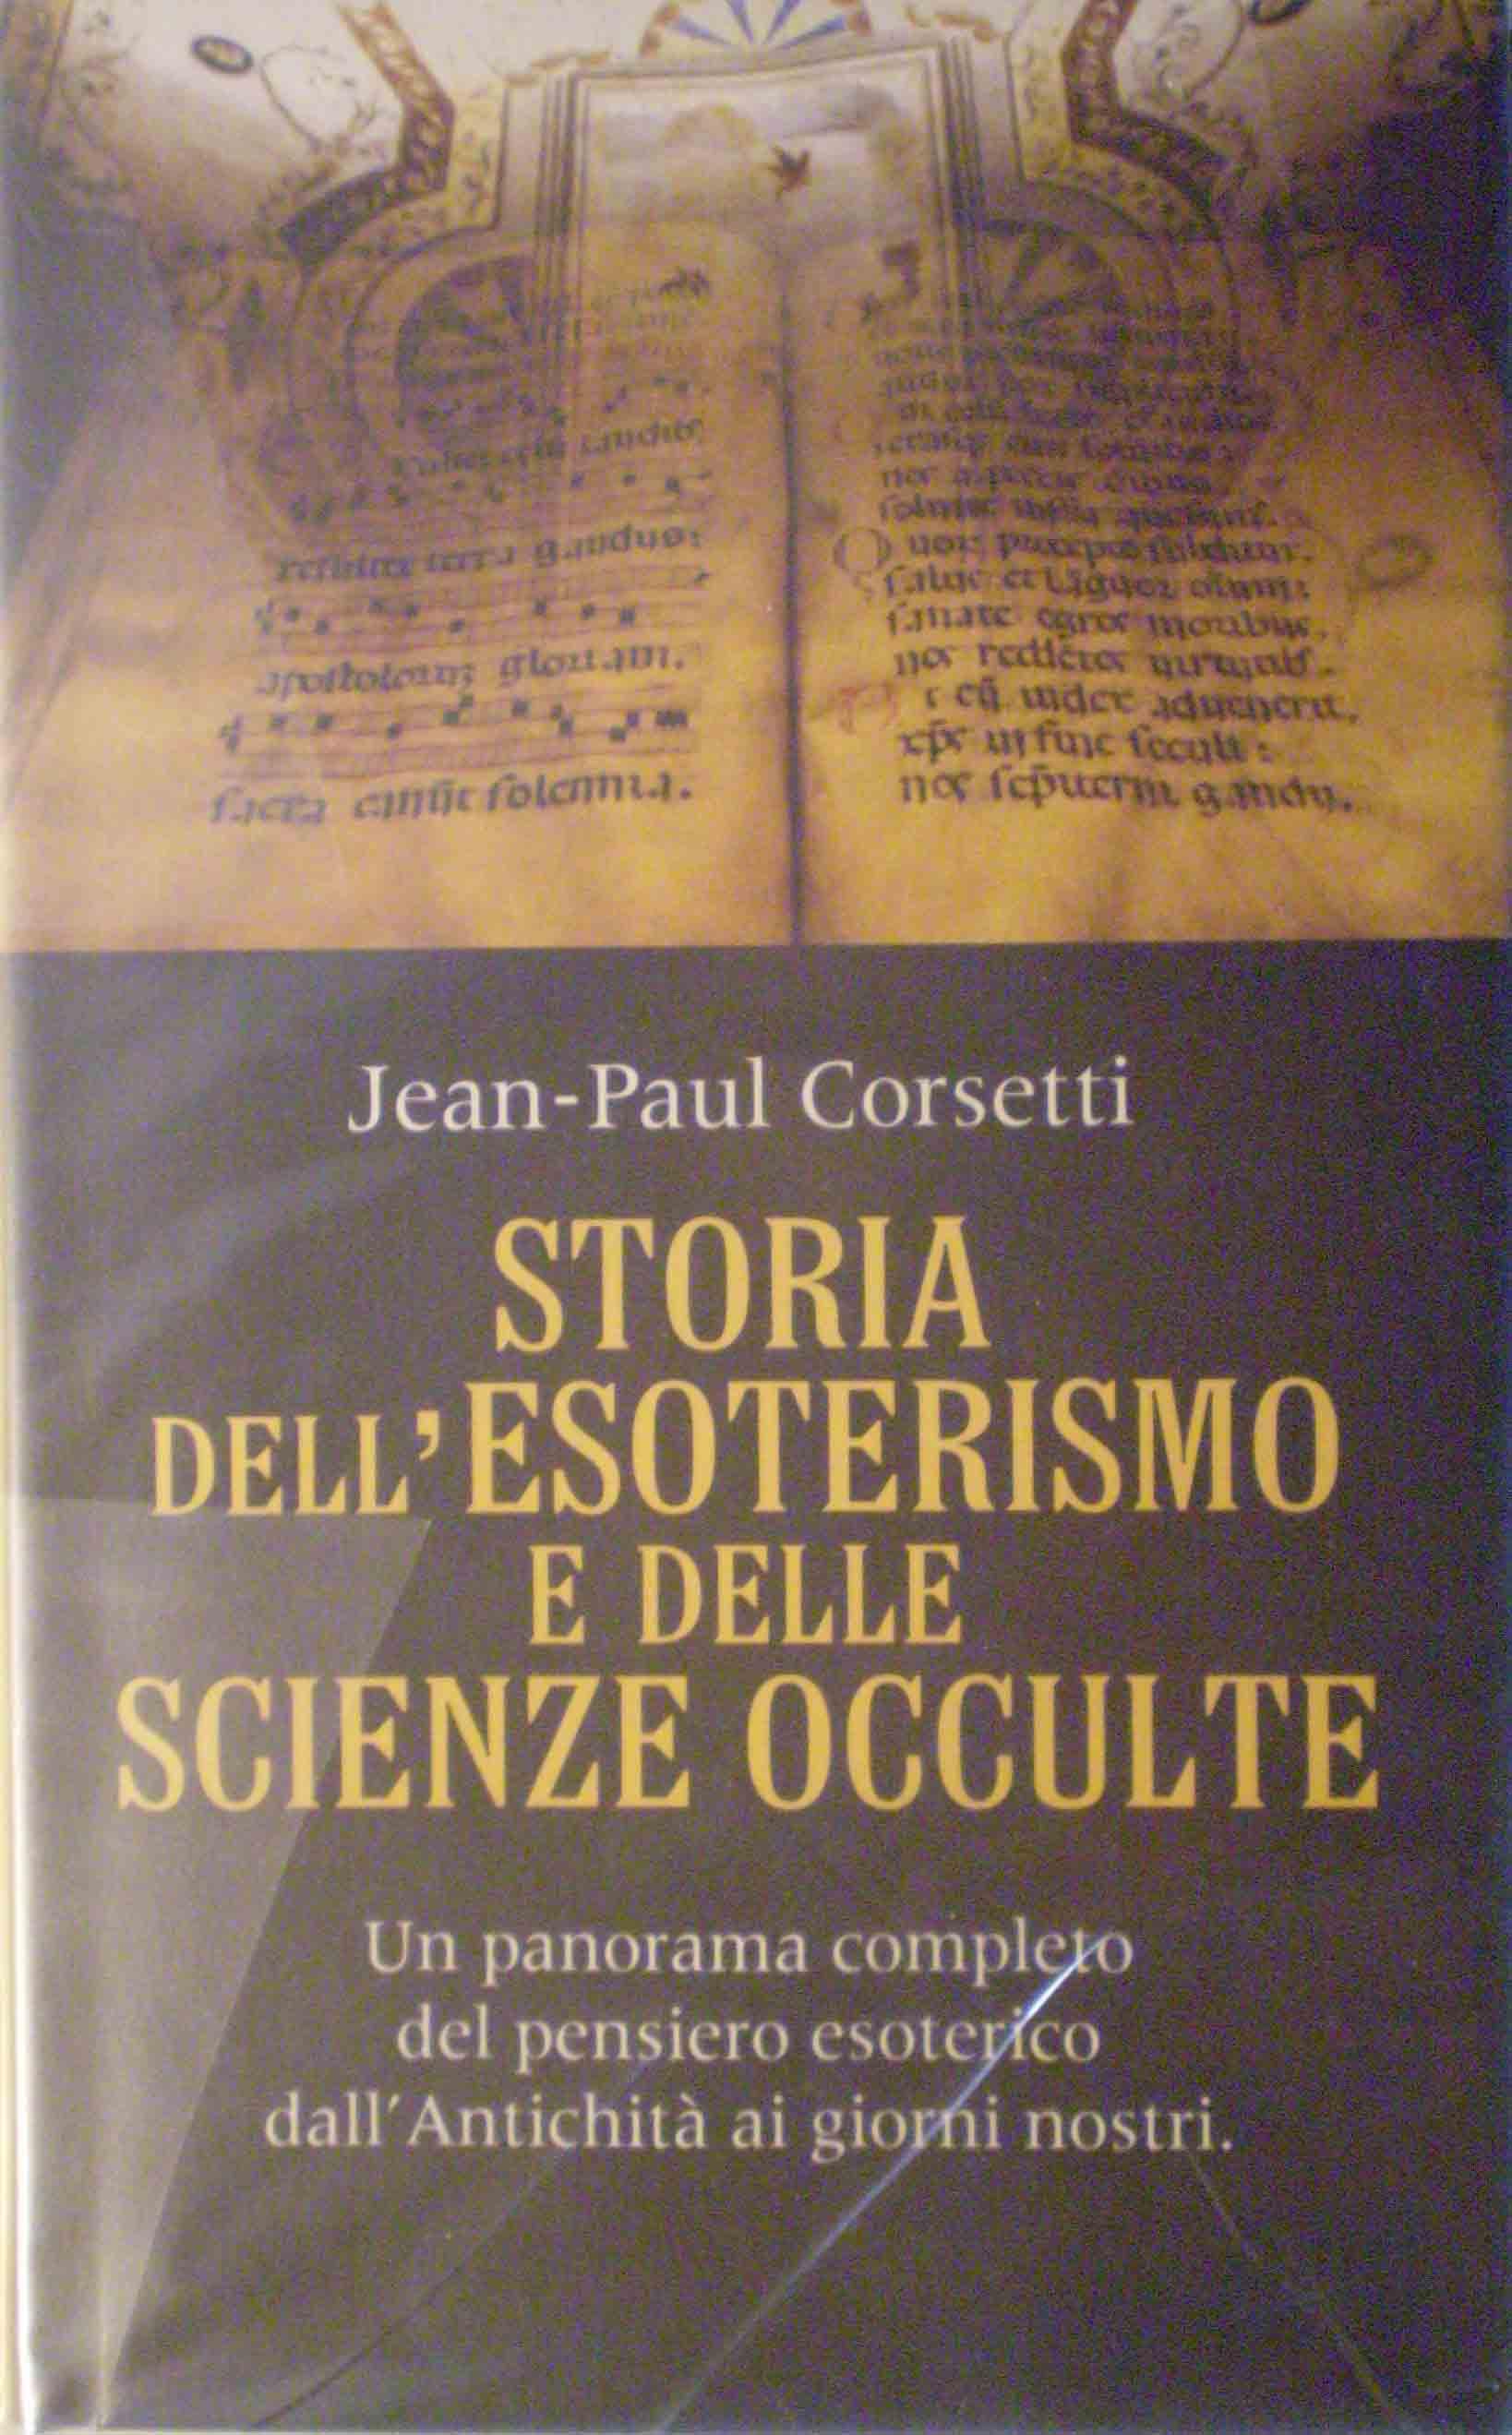 Storia dell'esoterismo e delle scienze occulte